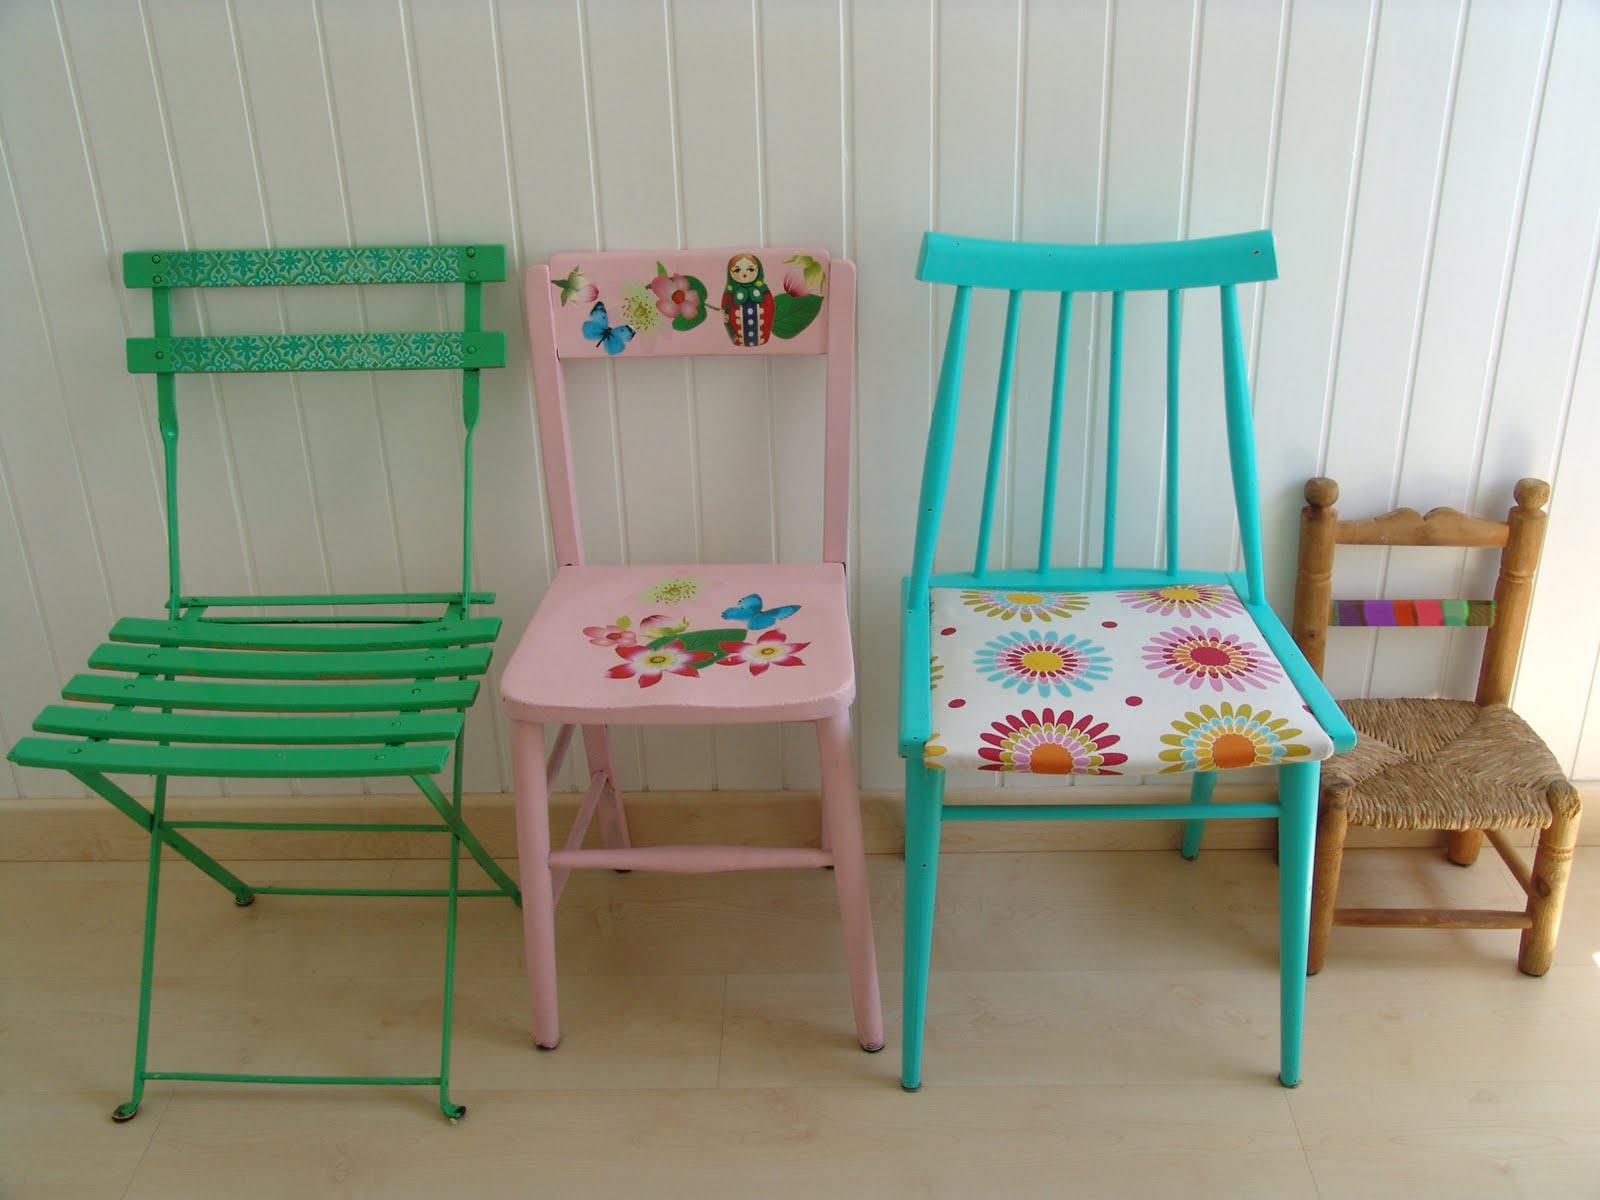 Lalibelula renovando sillas viejas - Sillas para casa ...